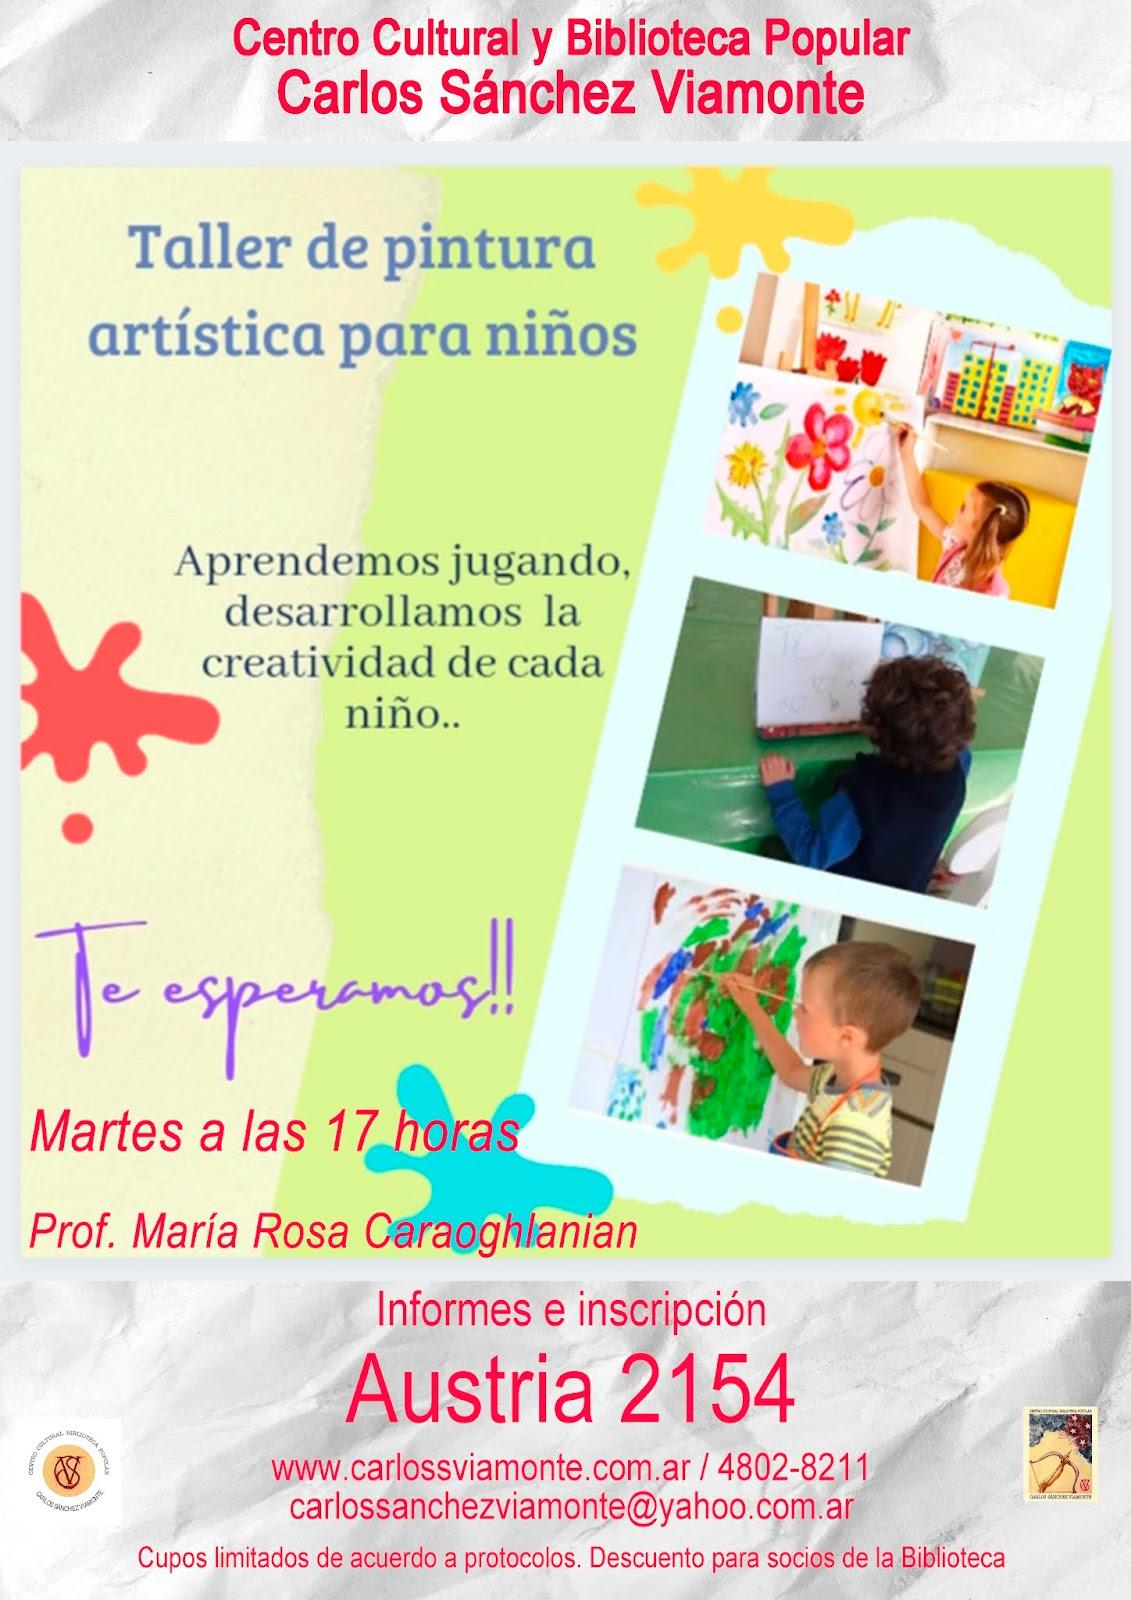 Taller de Pintura artística para niños